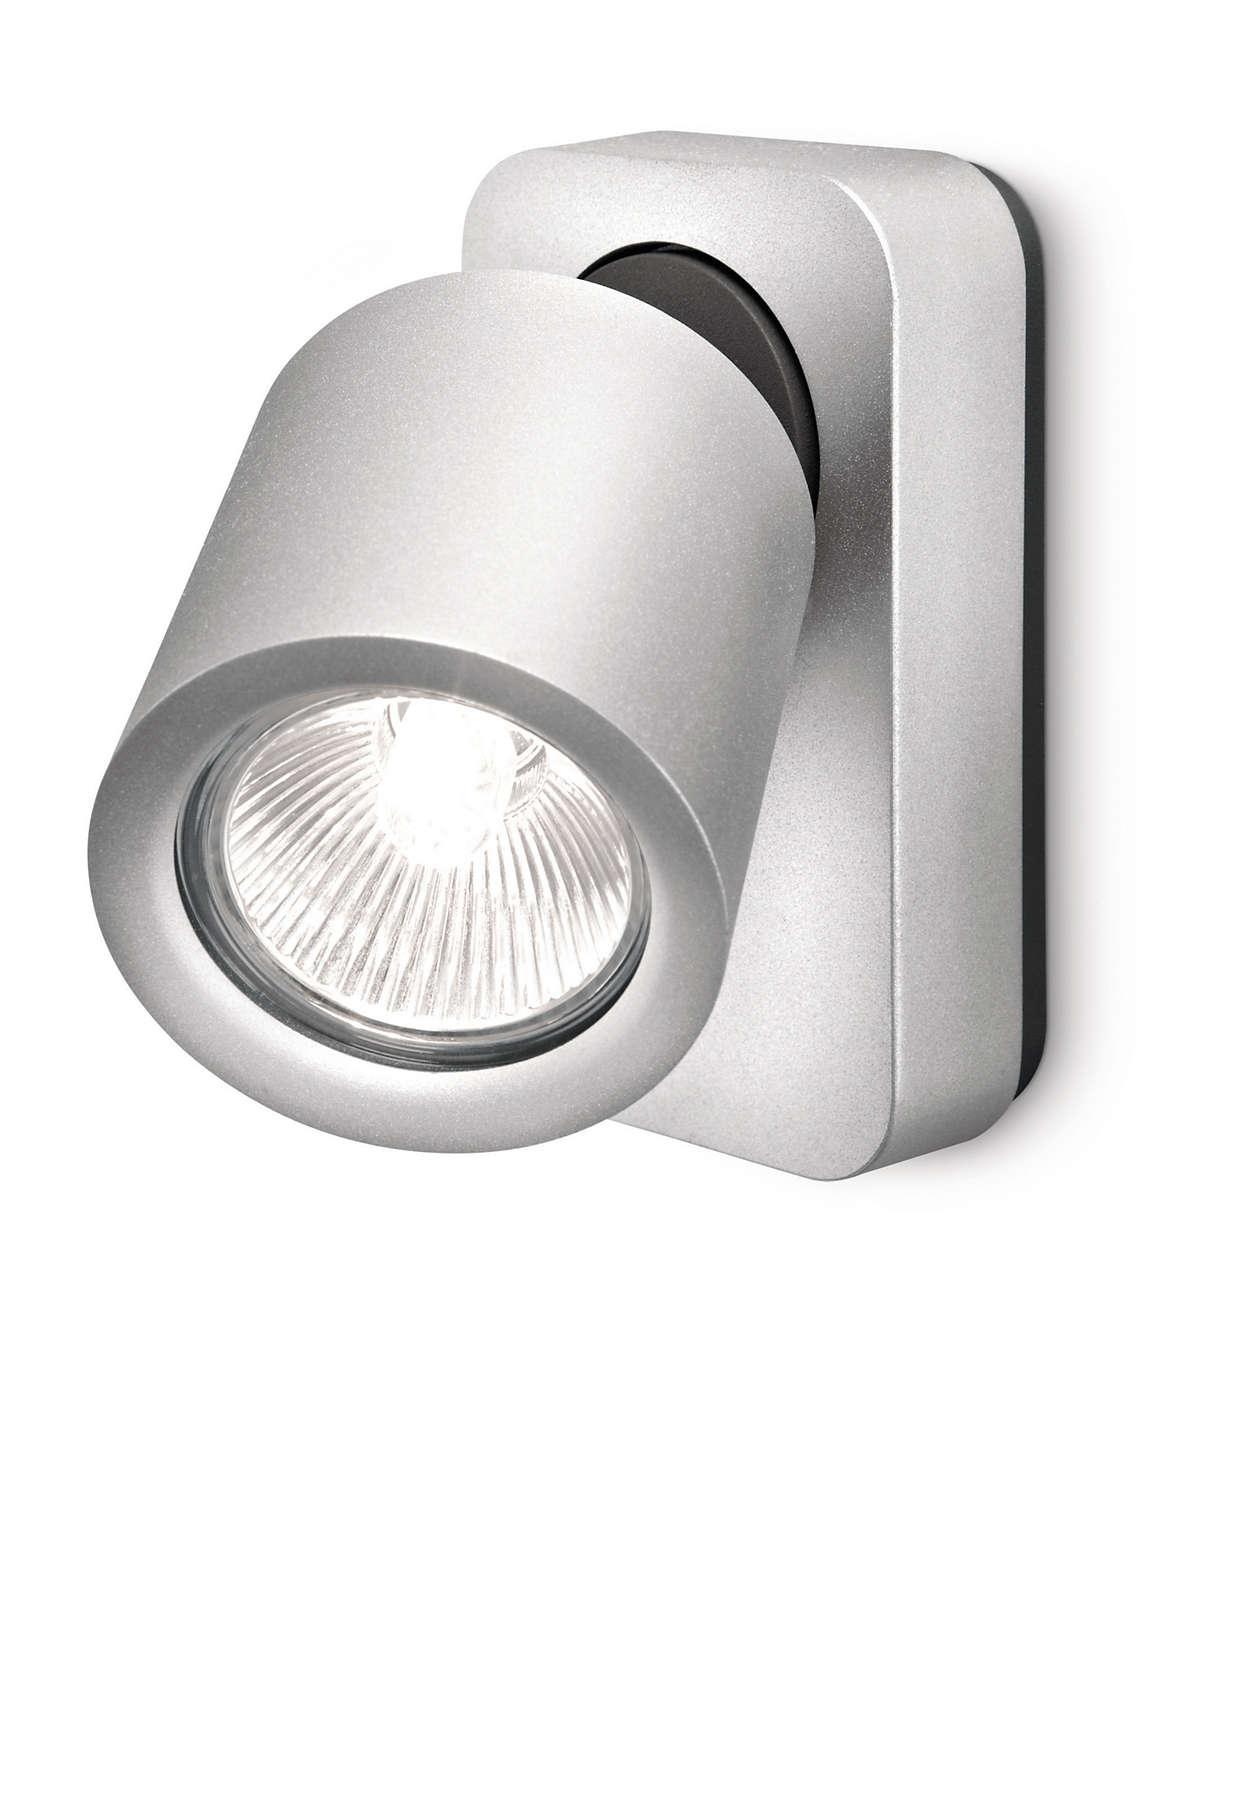 Creaţi umbre prin controlarea luminii